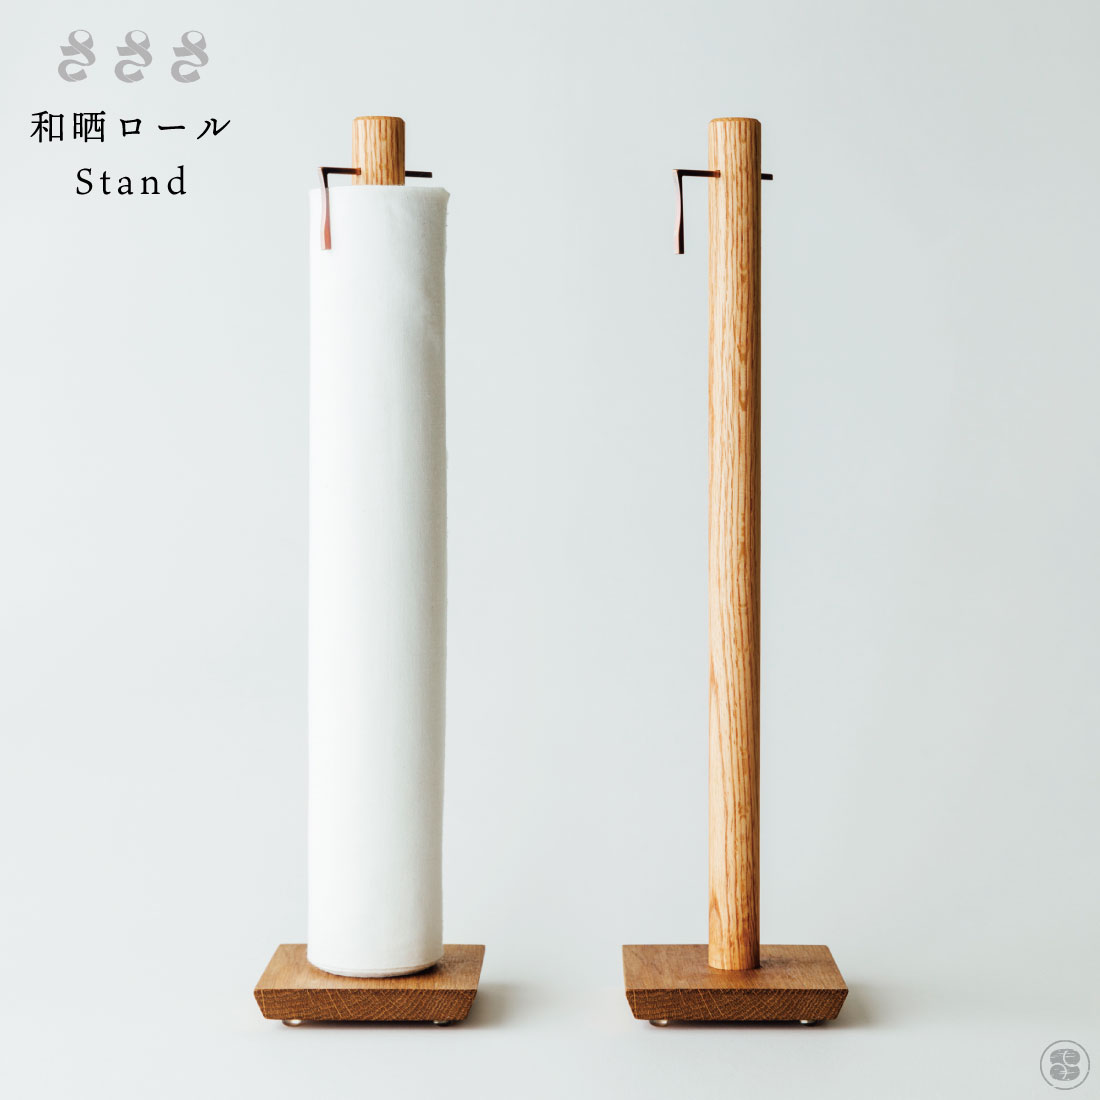 和晒ロール専用のStandです ミシン目入りの和晒ロール1本付 さささ 即出荷 和晒ロールStand sa-sa-sa 武田晒工場 日本製 特価